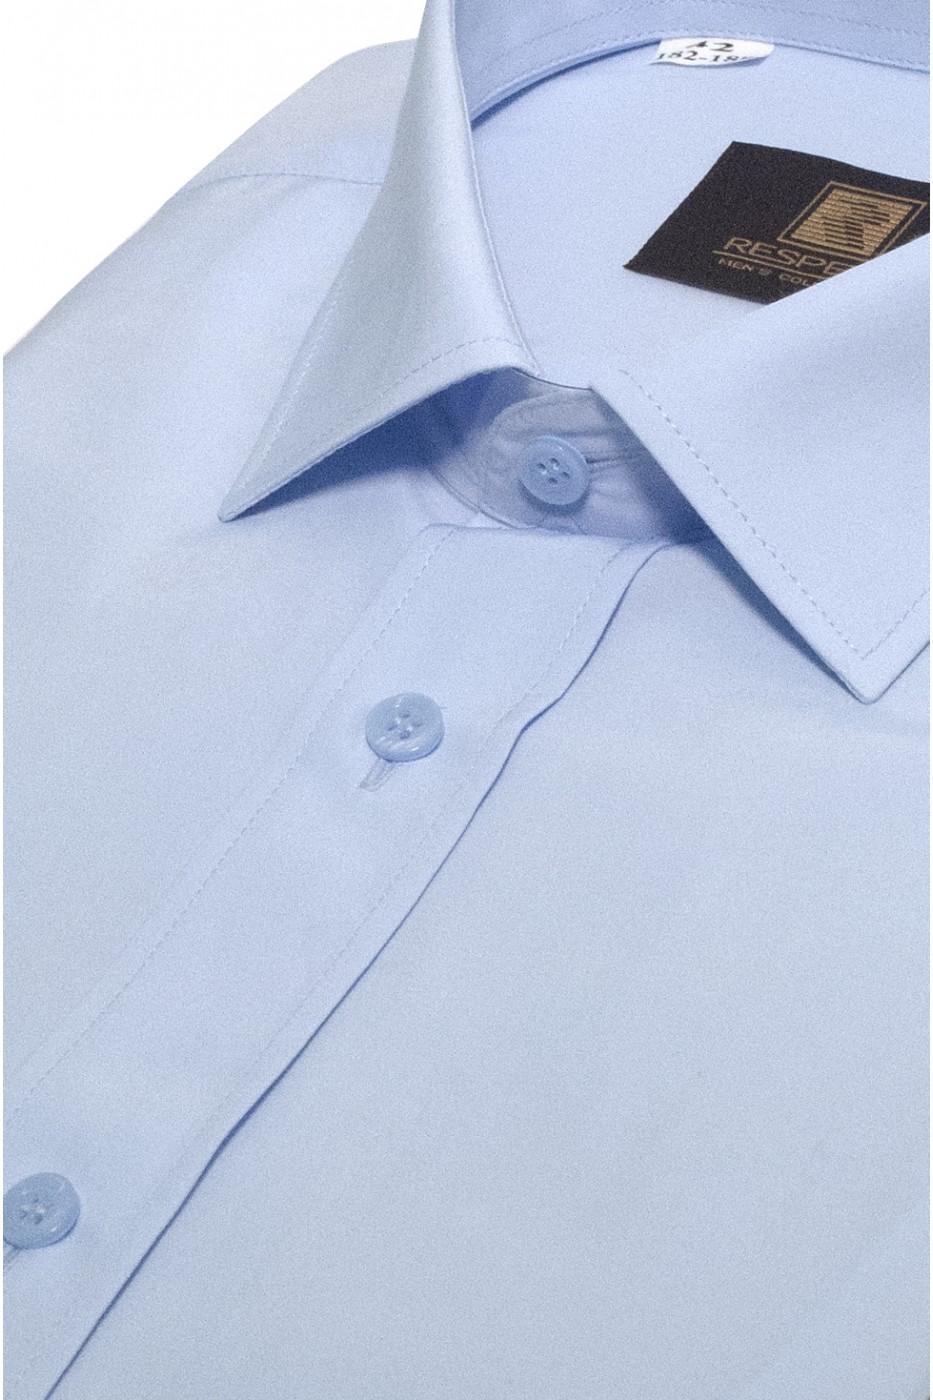 Голубая мужская рубашка с коротким рукавом КР 323 (53-08)